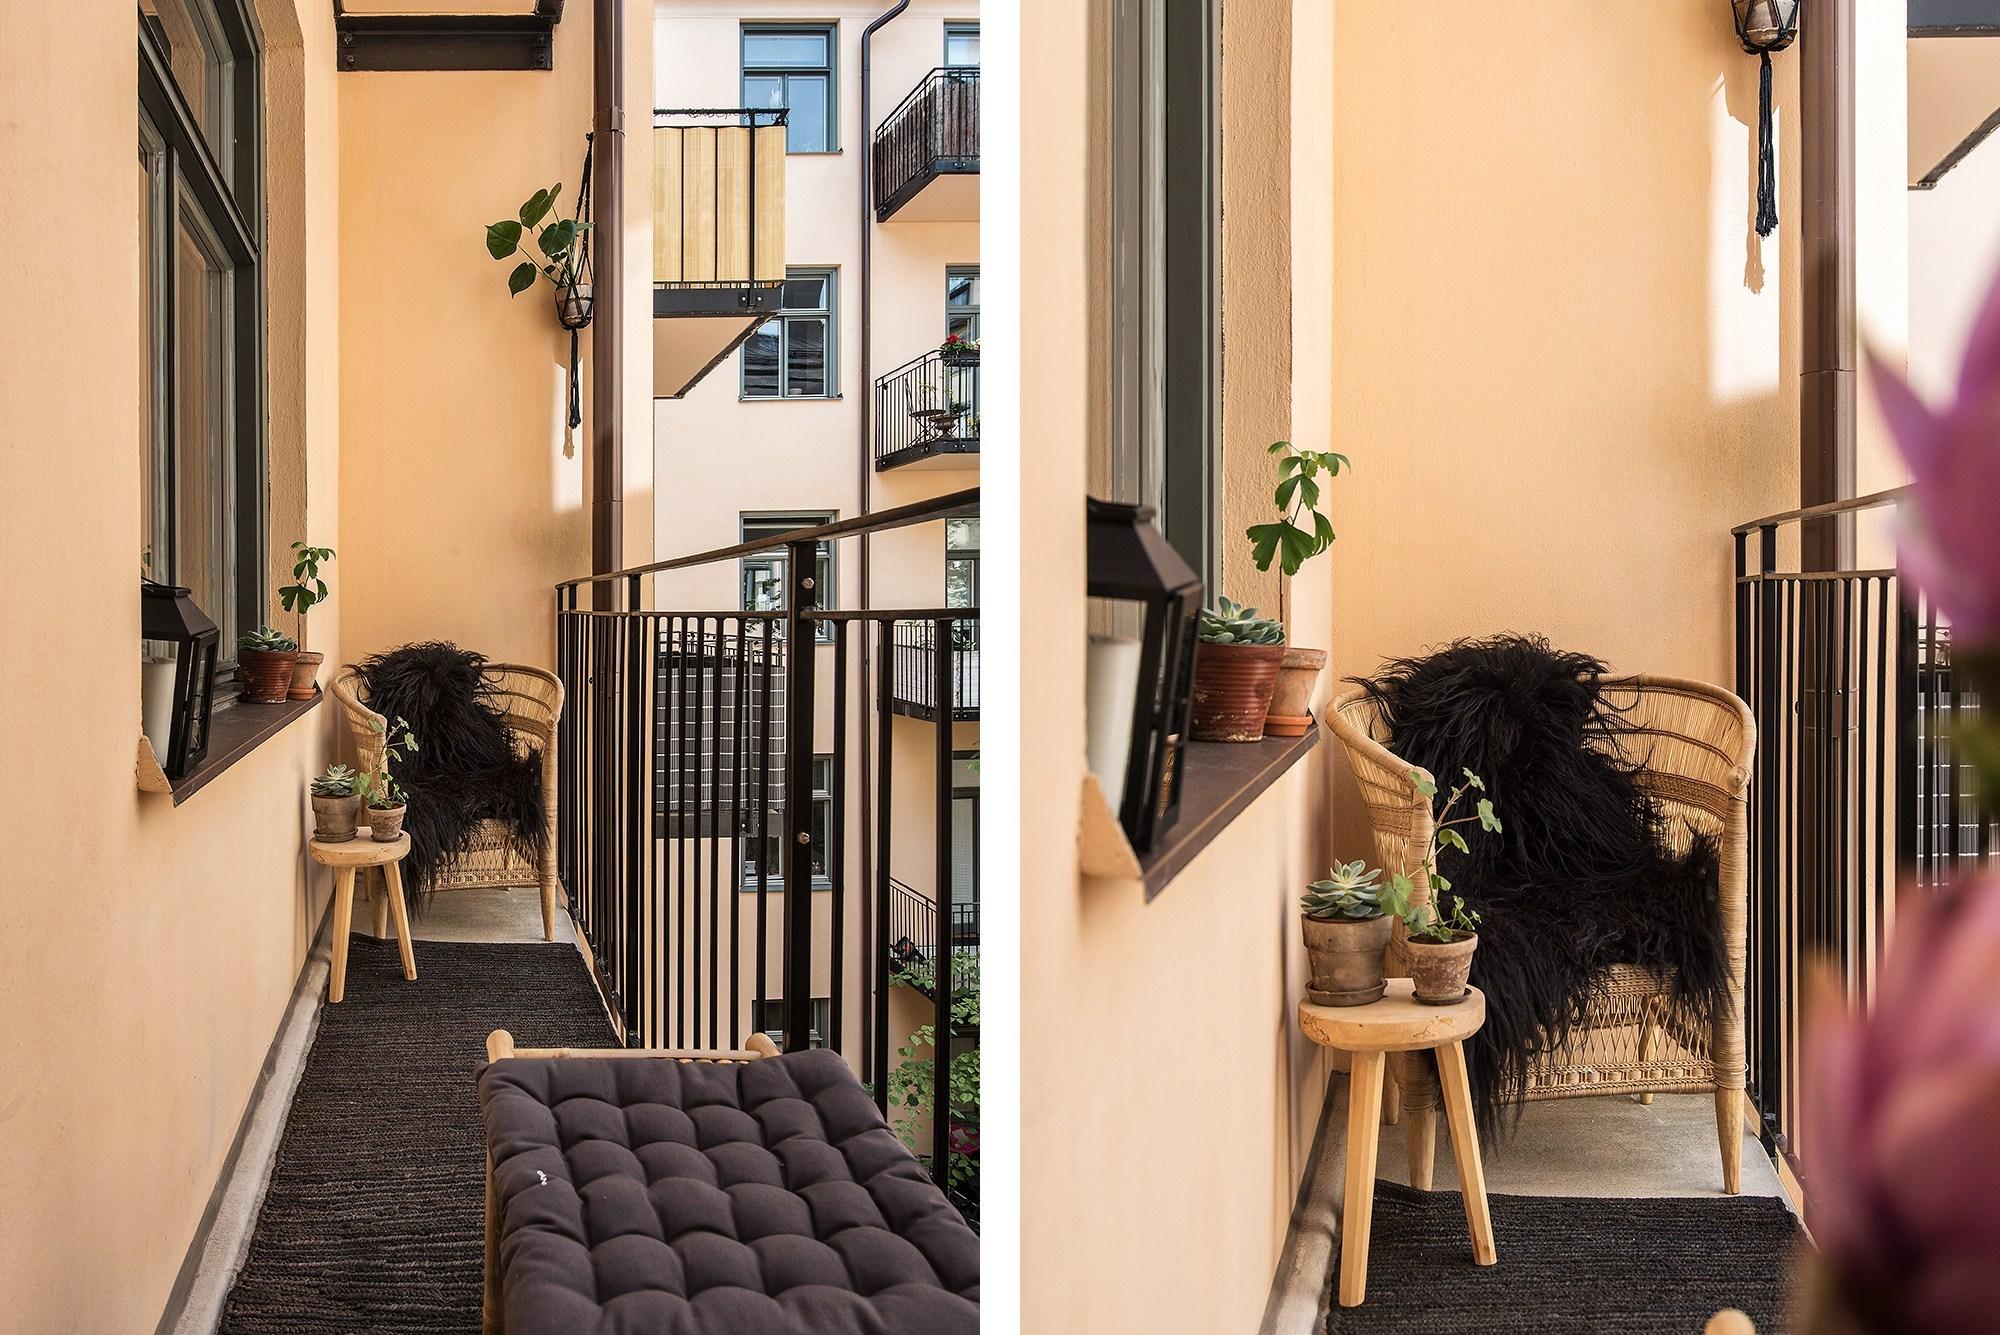 Tận dụng đồ cũ, căn hộ 42m² vẫn đẹp cá tính từng góc nhỏ - Ảnh 13.